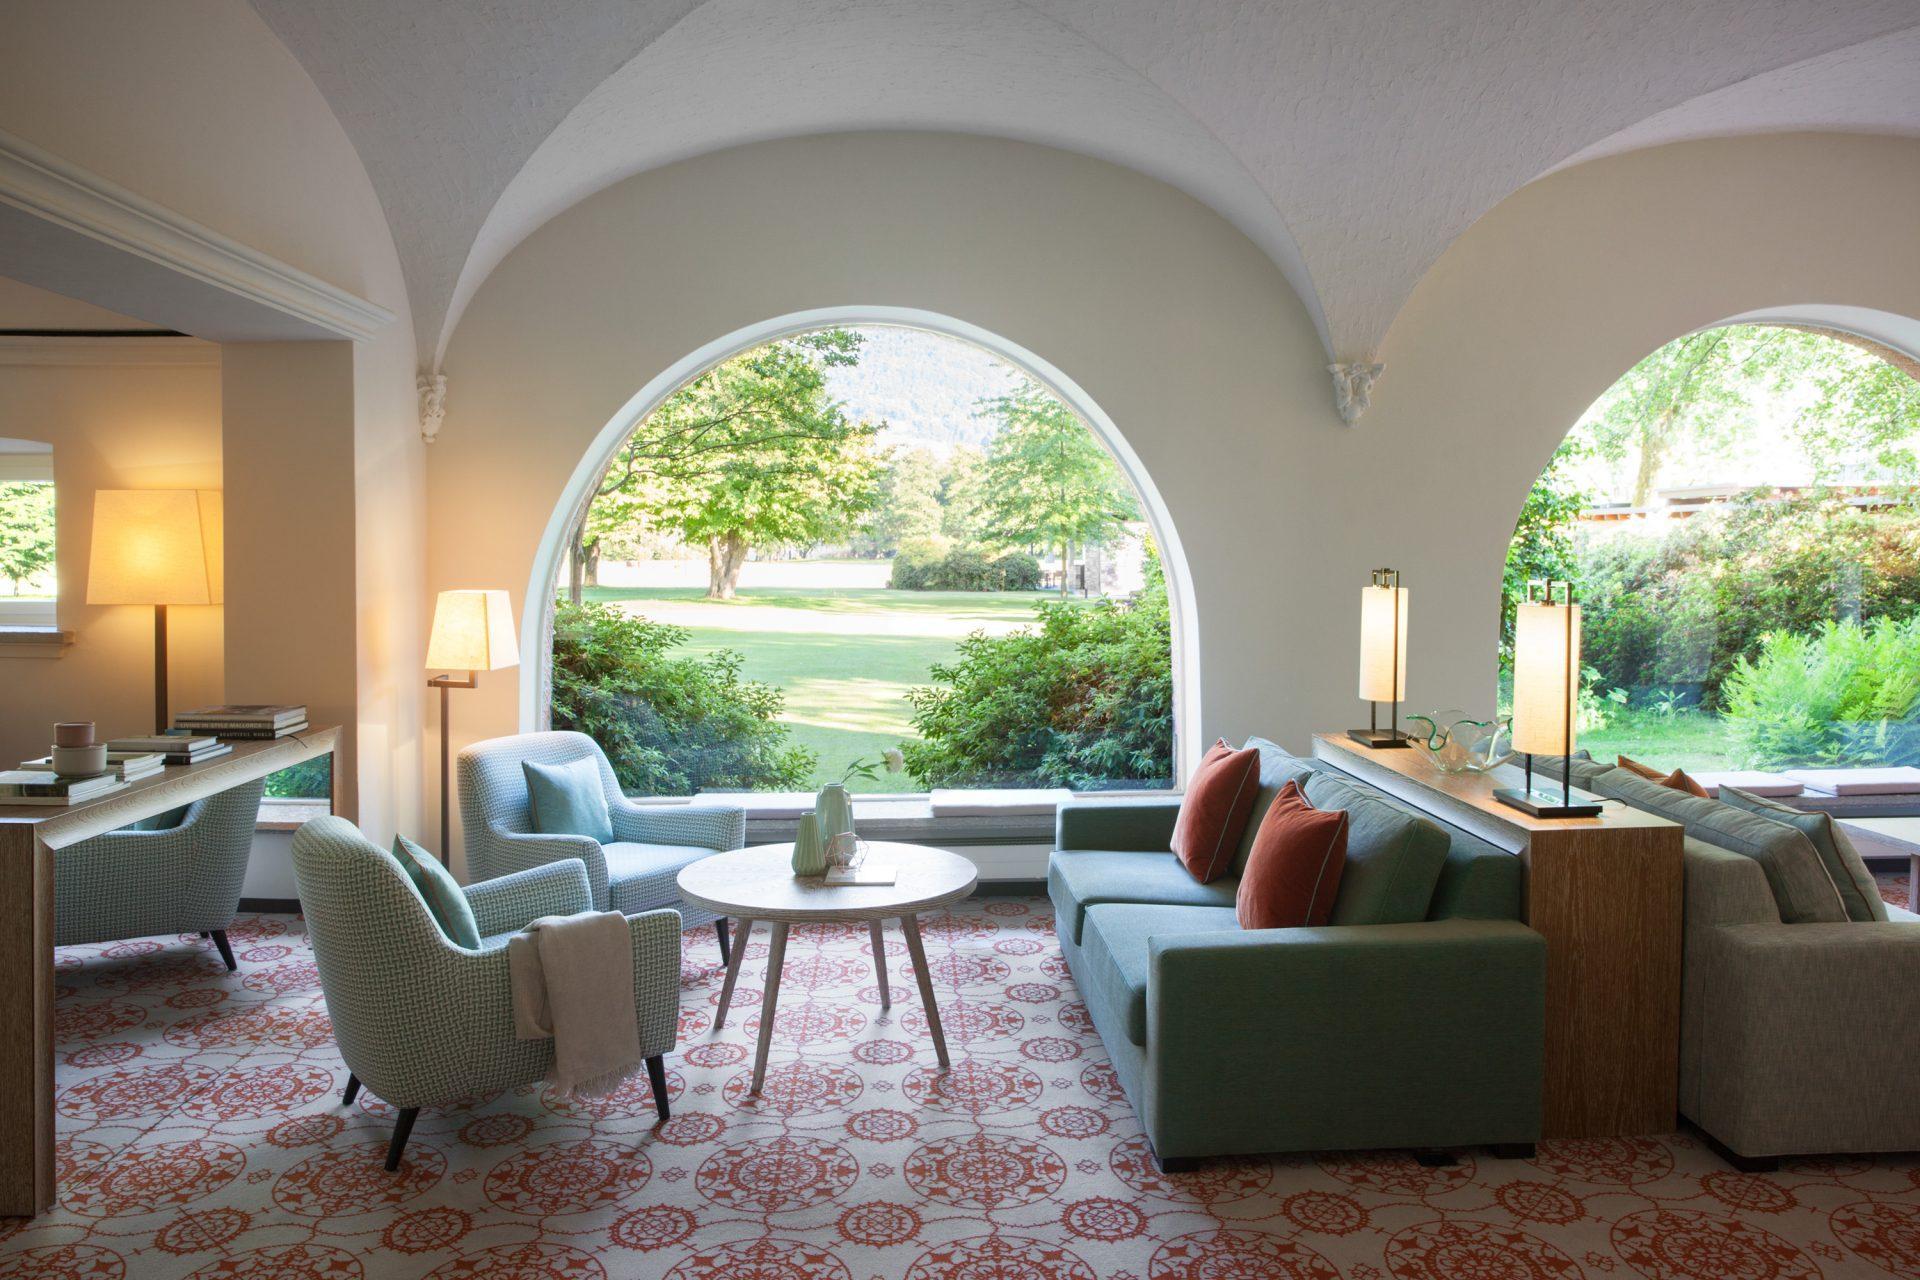 Castello del Sole Sofa Lounge 1920x1280 - Castello del Sole, Ascona